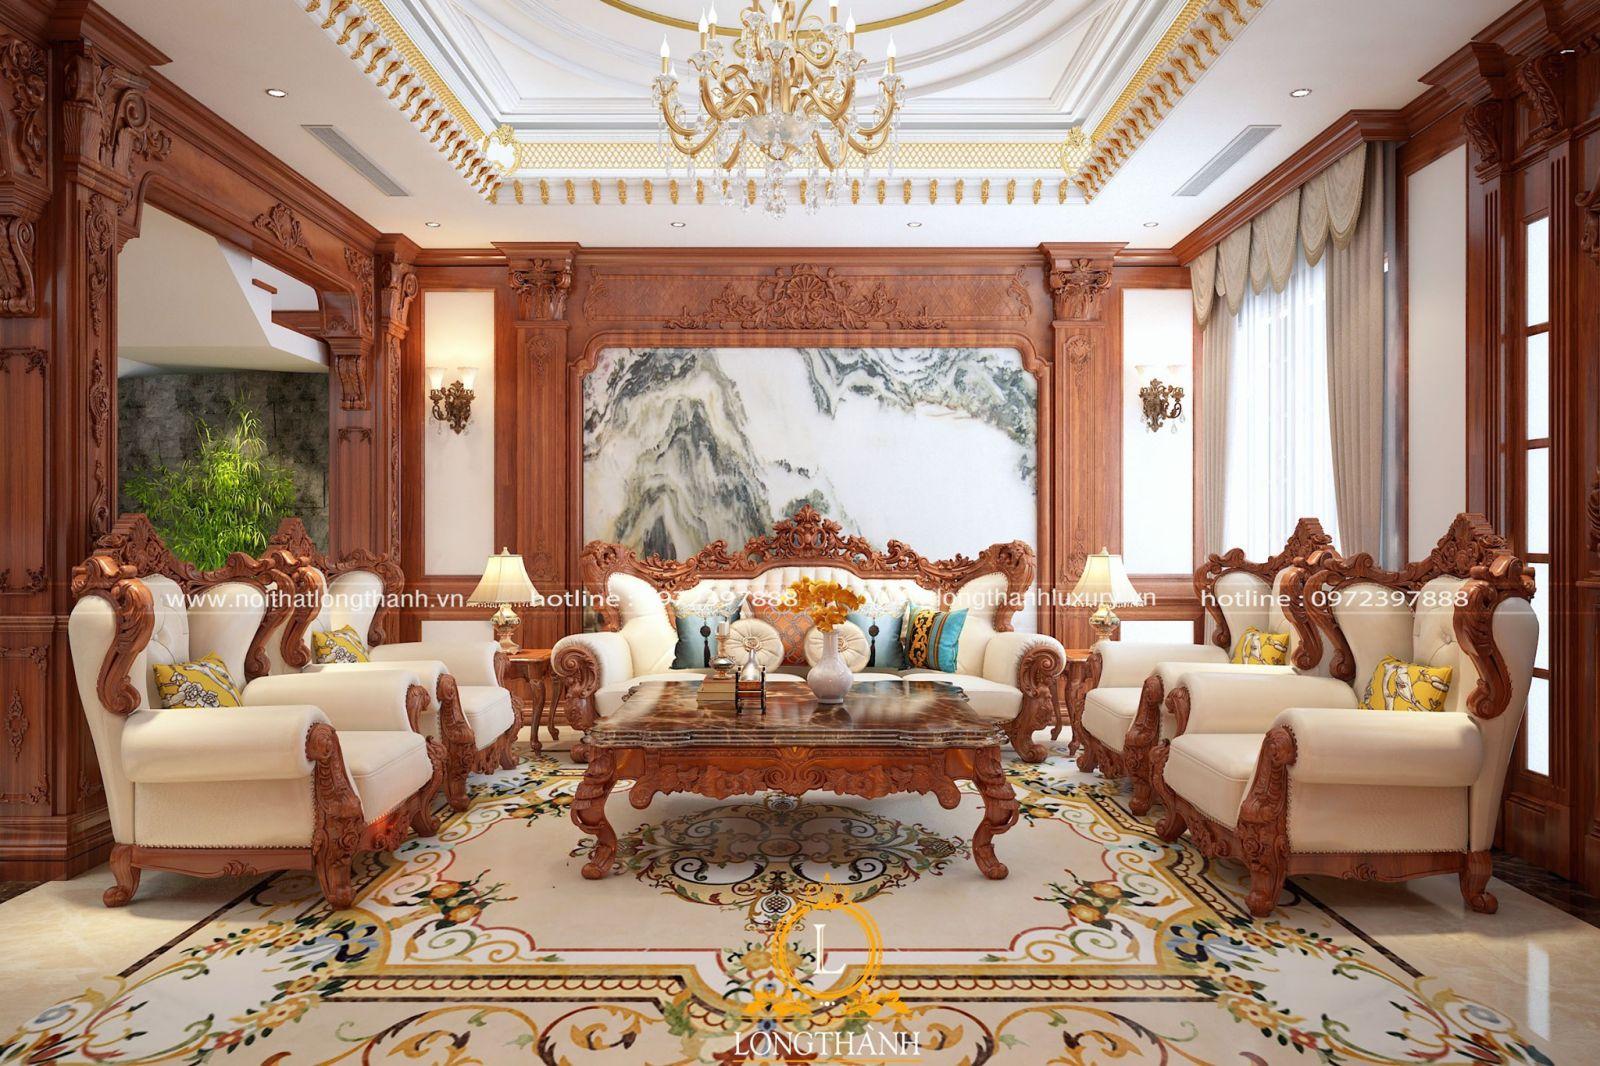 Thế nào là thiết kế nội thất tân cổ điển và được áp dụng cho không gian nào